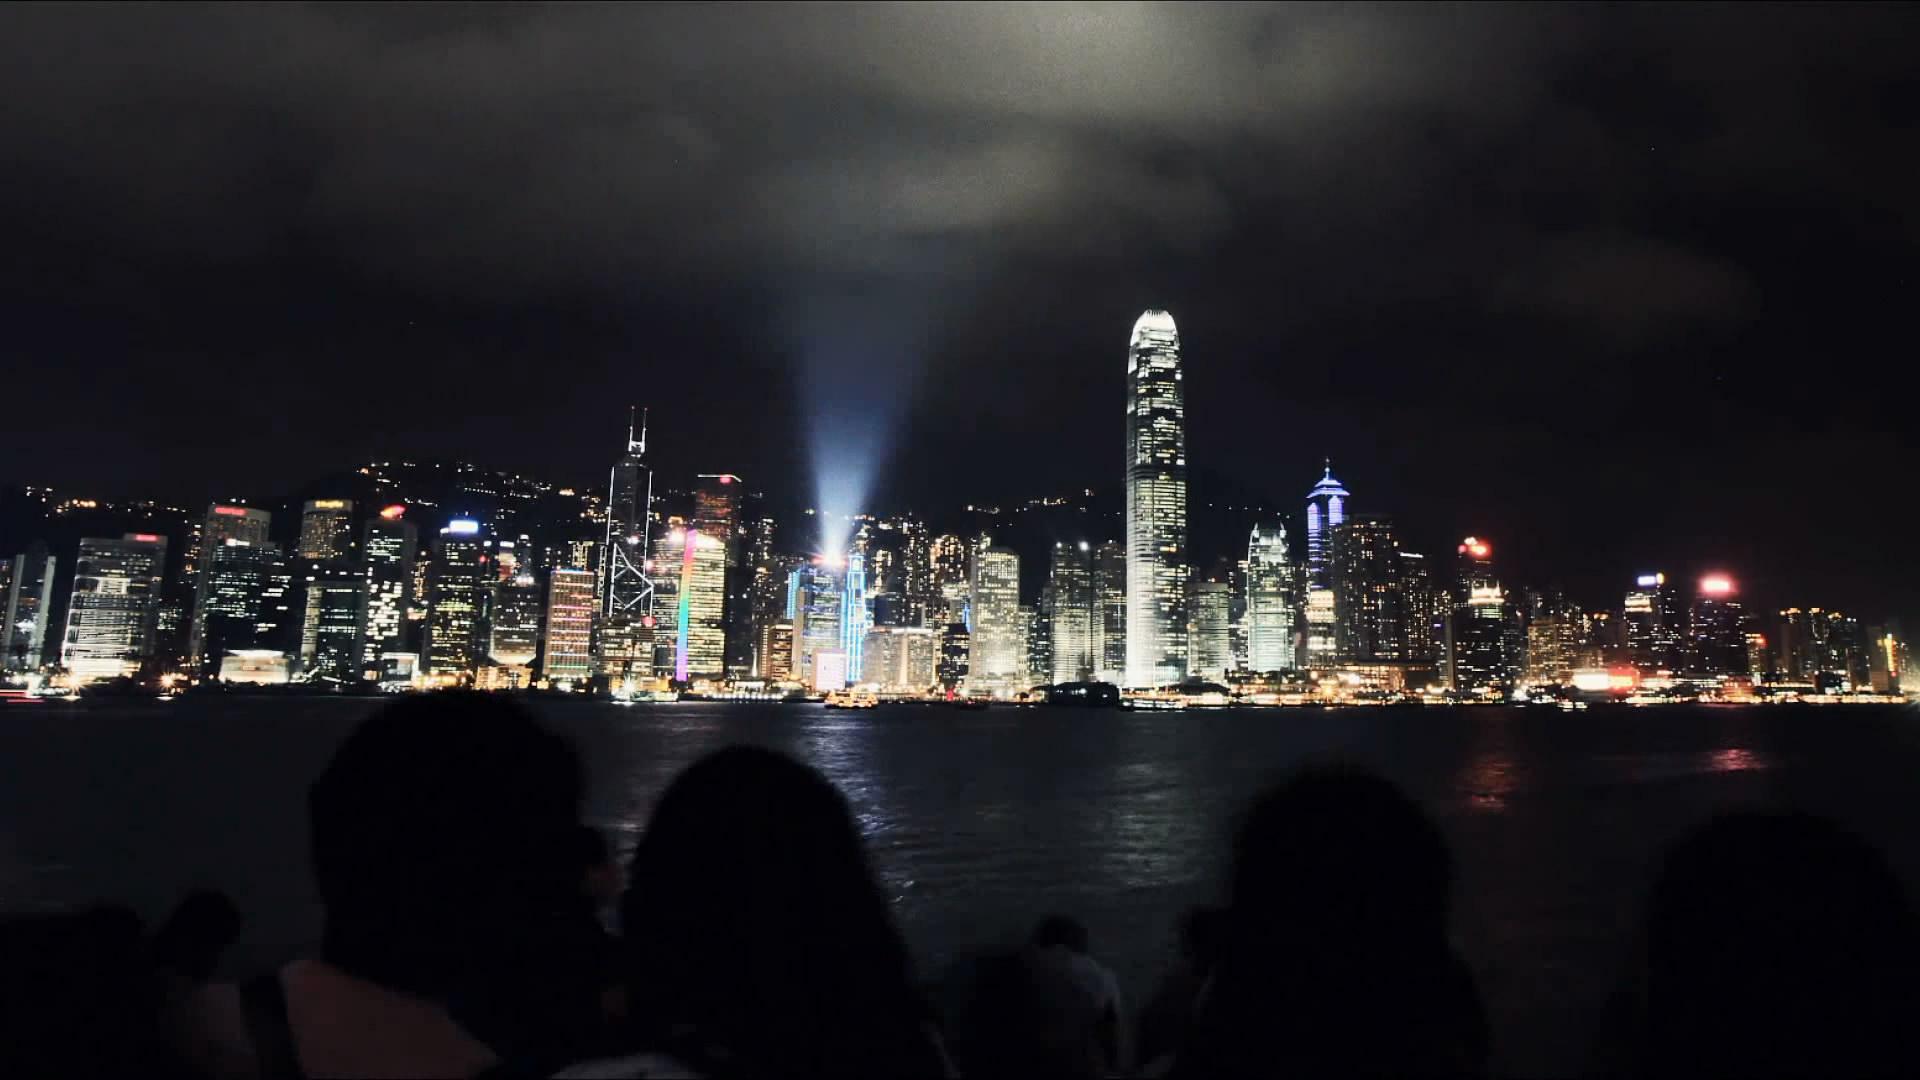 上海黄埔江畔岸上熙熙攘攘的人影 上海江边灯光夜景(快速镜头)